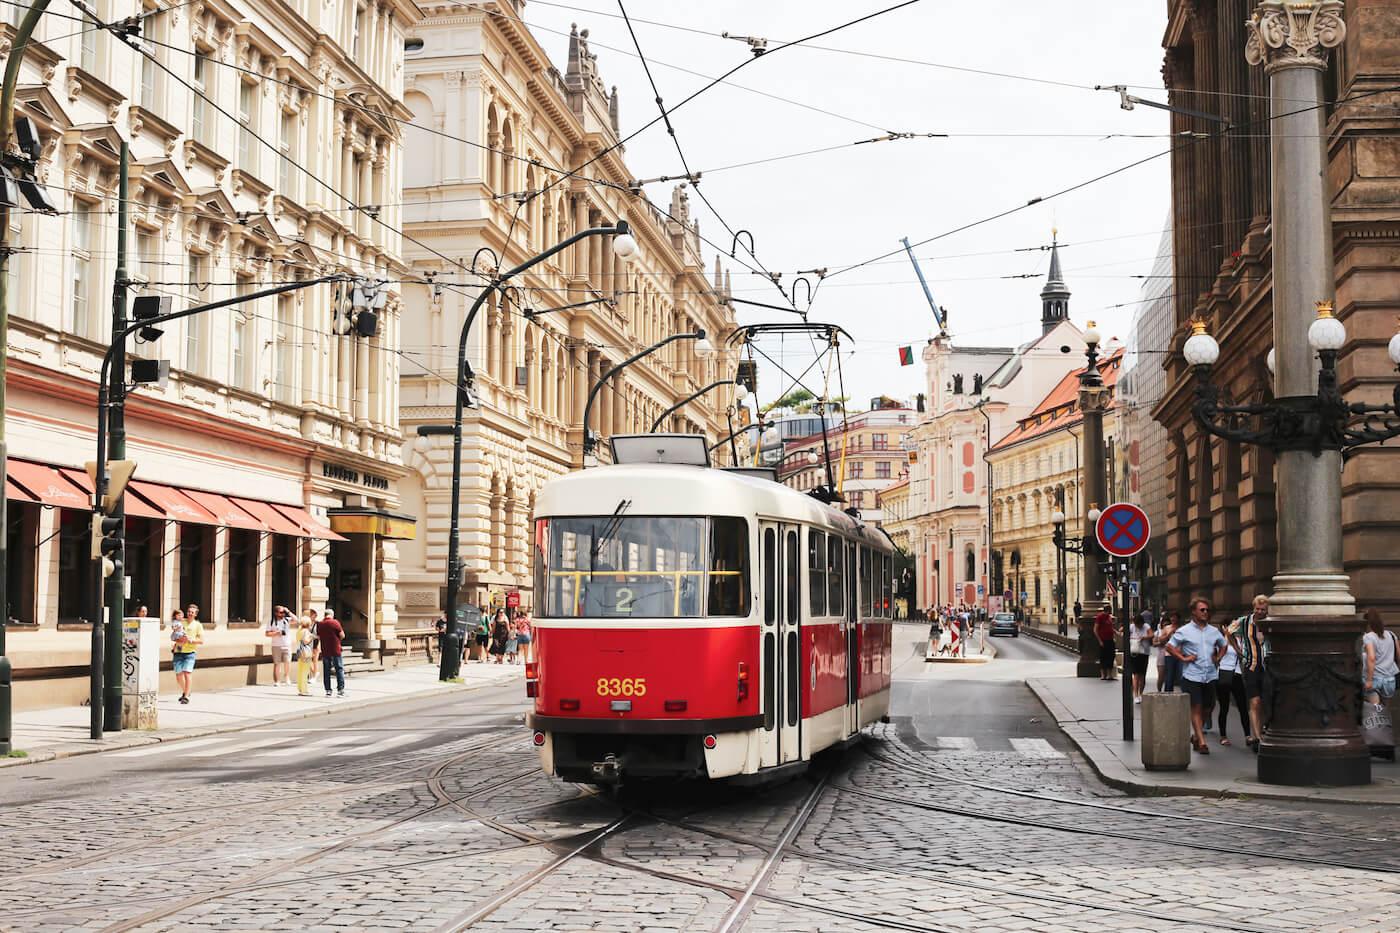 Praag bezienswaardigheden tram